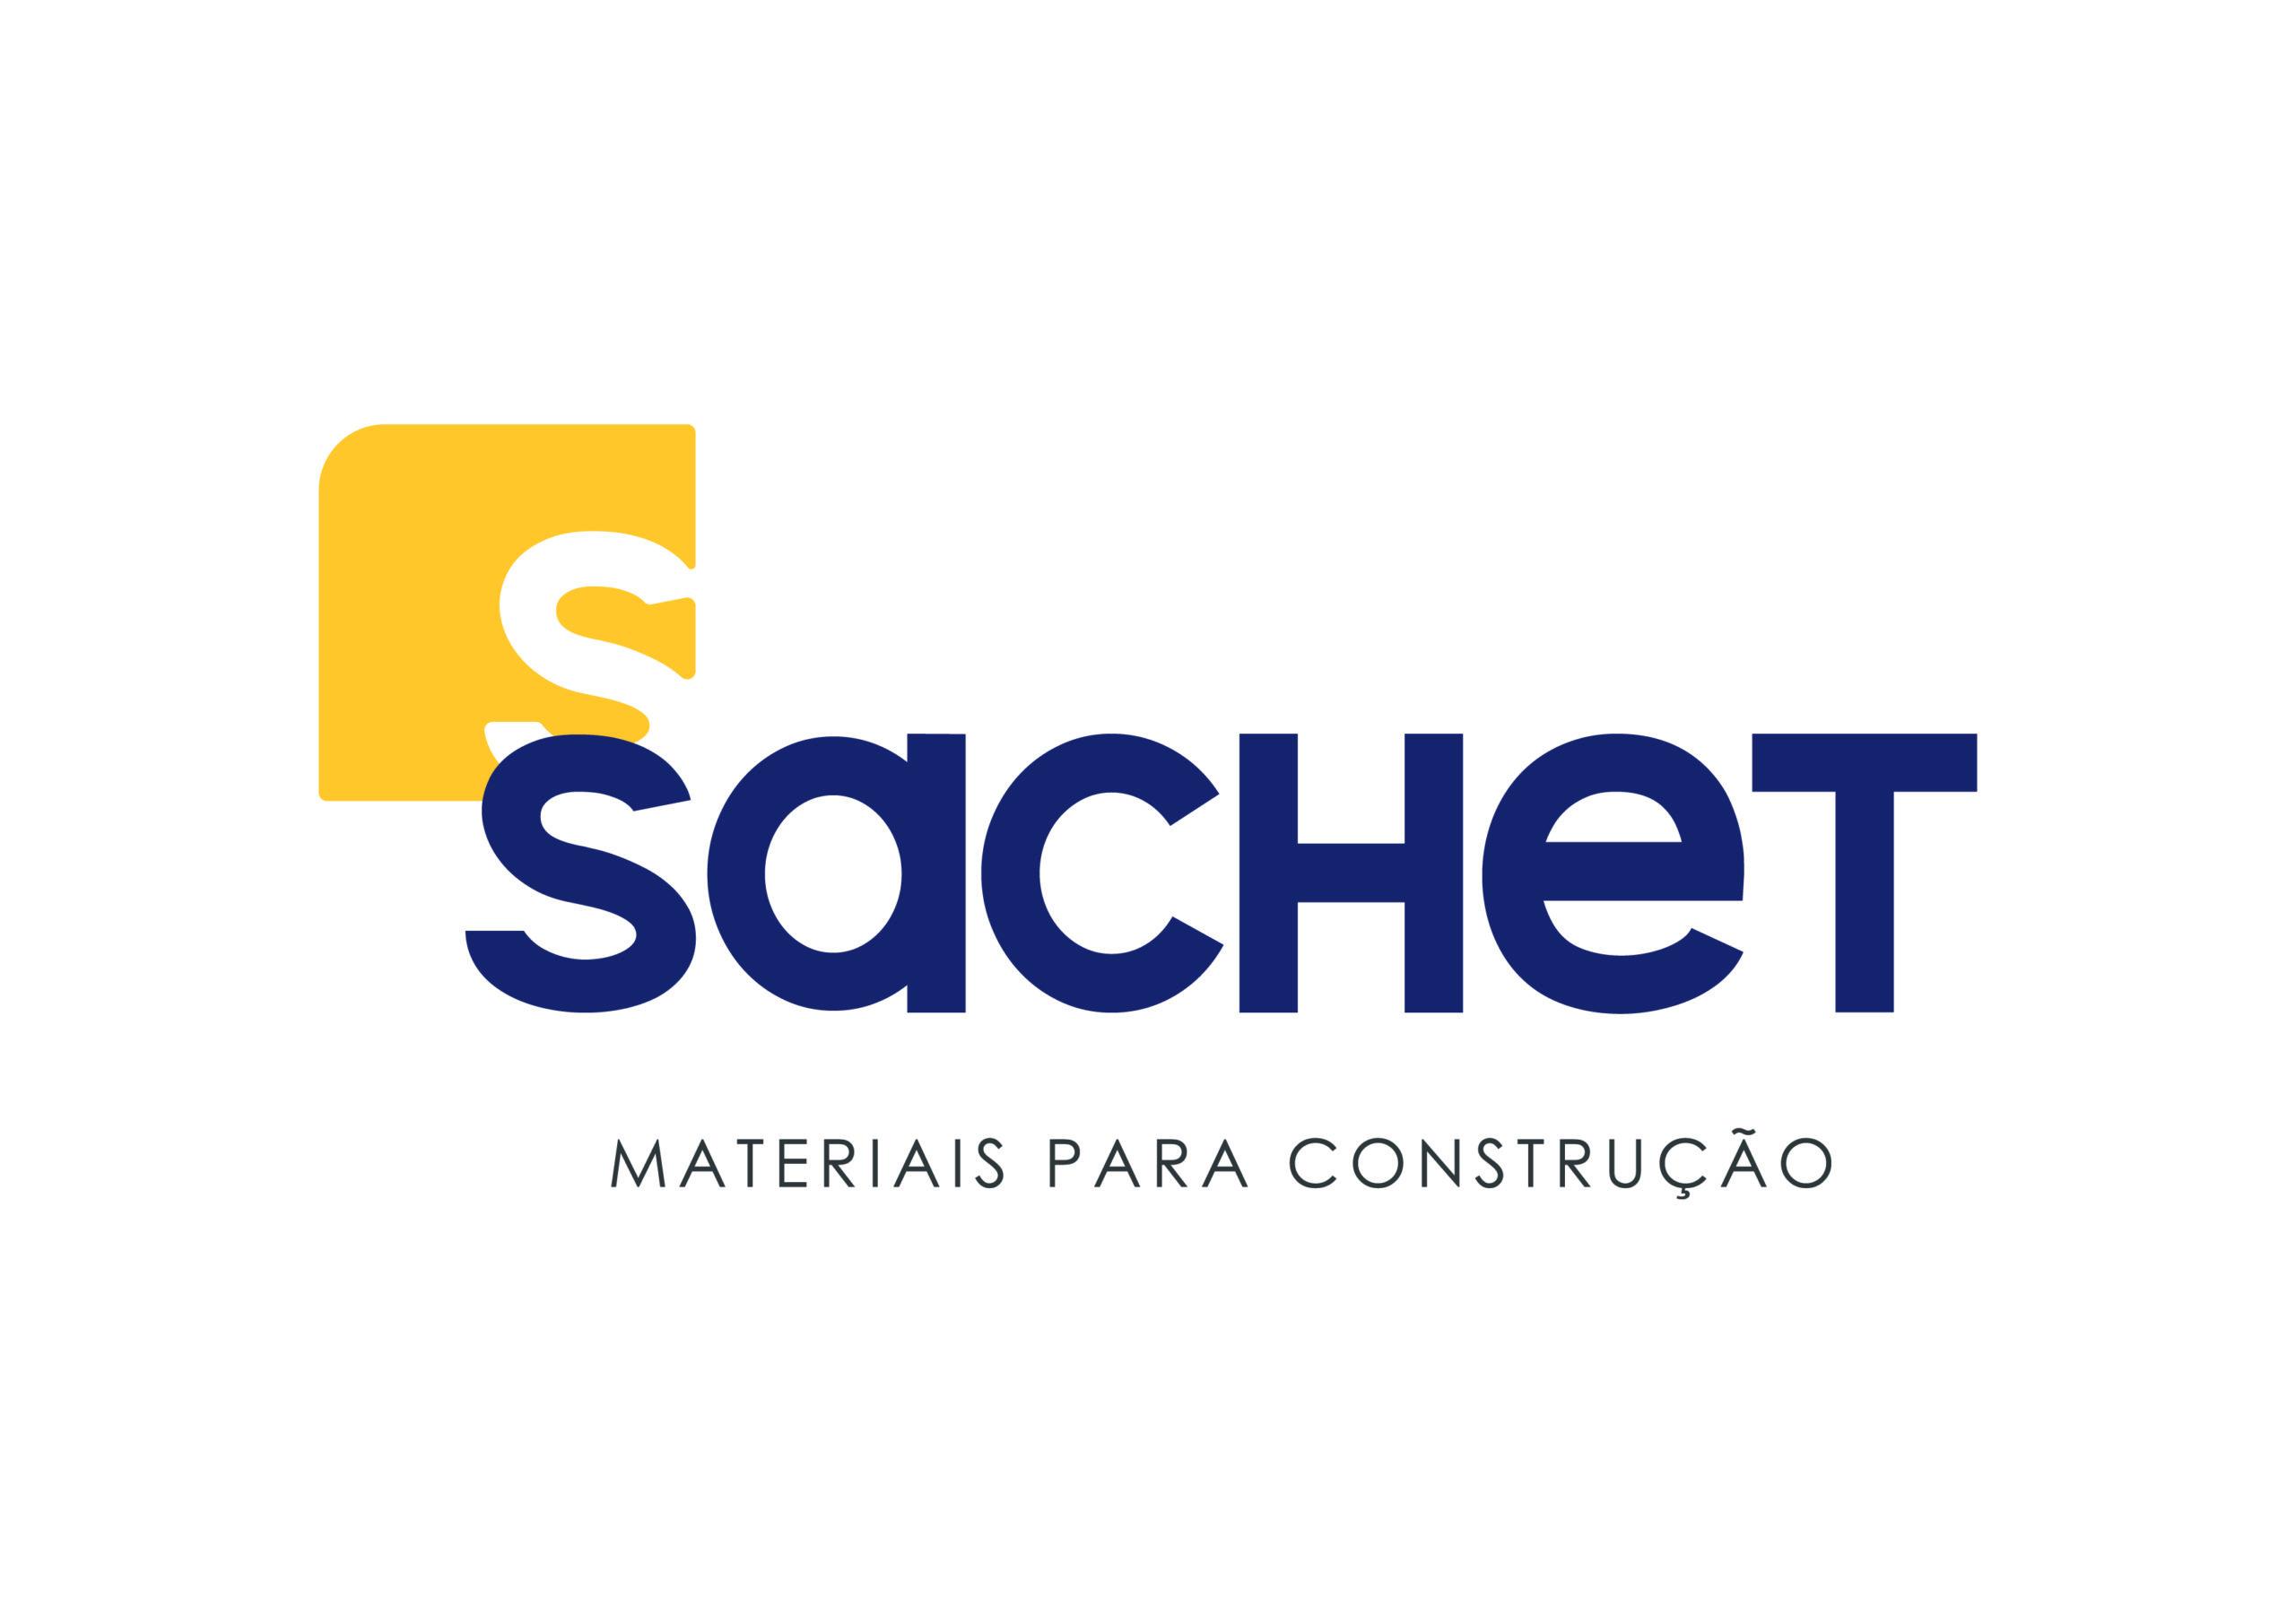 https://s3.amazonaws.com/dinder.com.br/wp-content/uploads/sites/125/2019/12/LOGO_SACHET_MATERIAIS-_DE_CONSTRUCAO-01-scaled.jpg